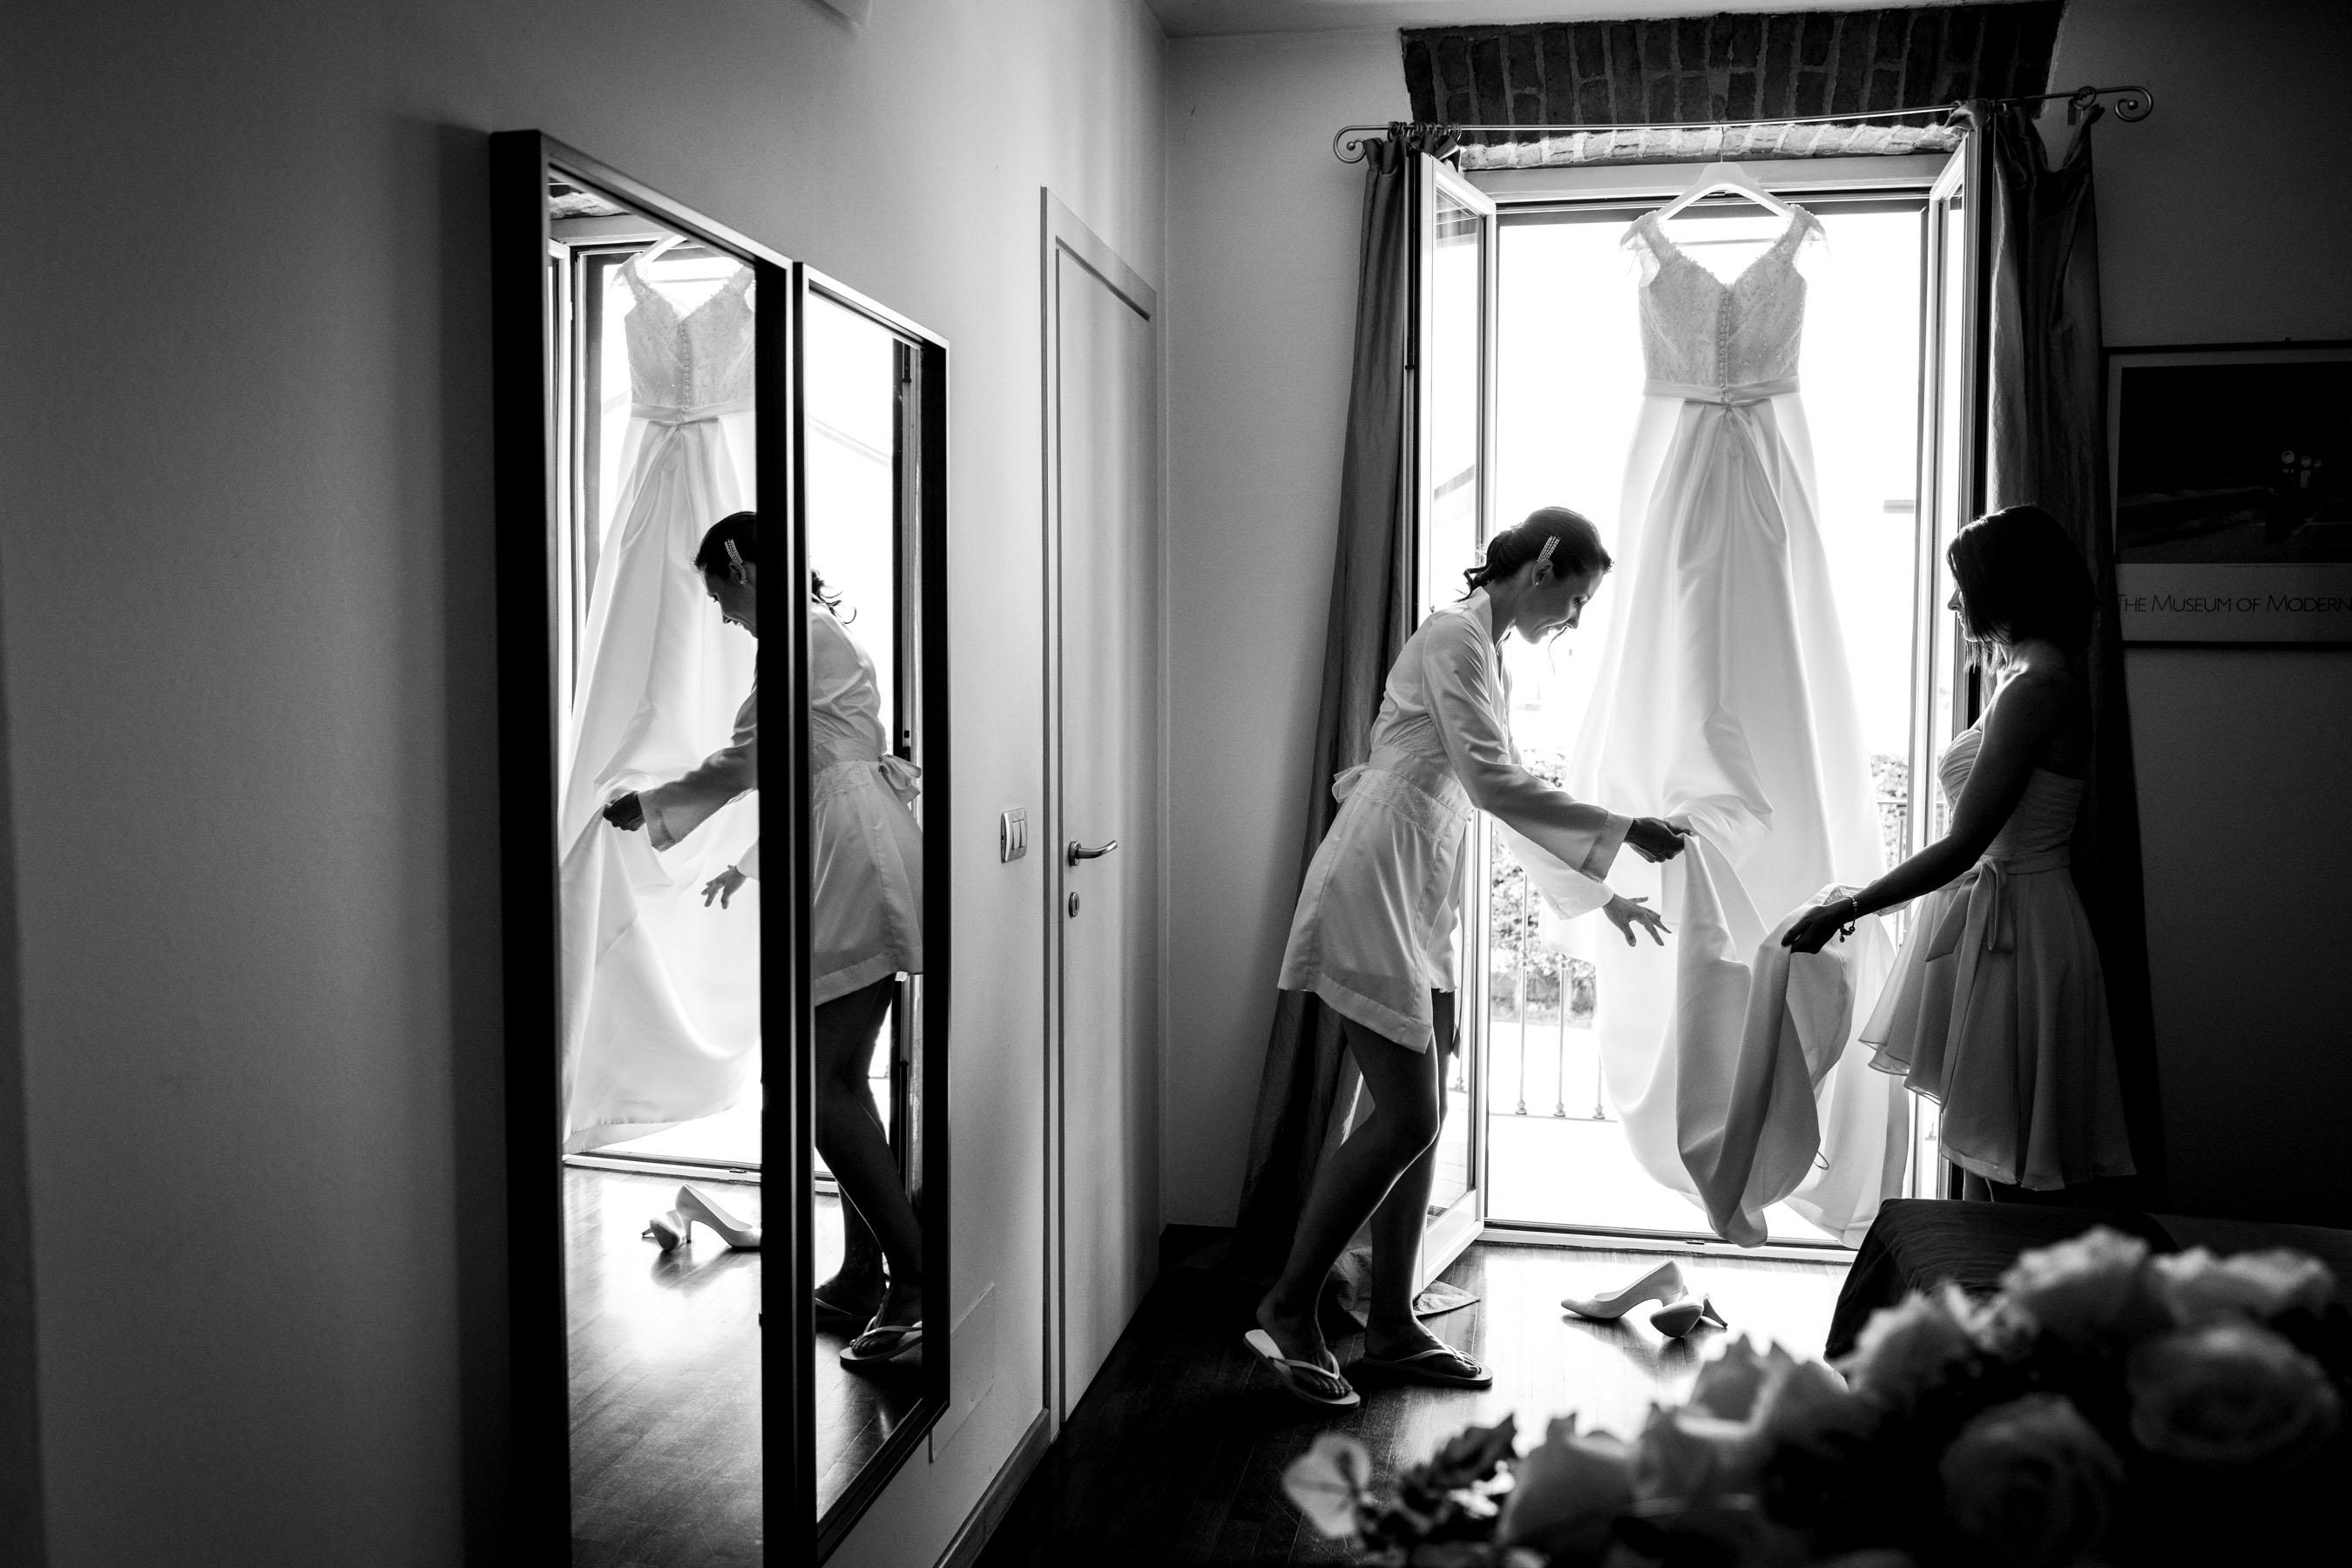 art foto_torino_monica sica photography_la vià _cavour_ fotografo matrimonio_torino-9